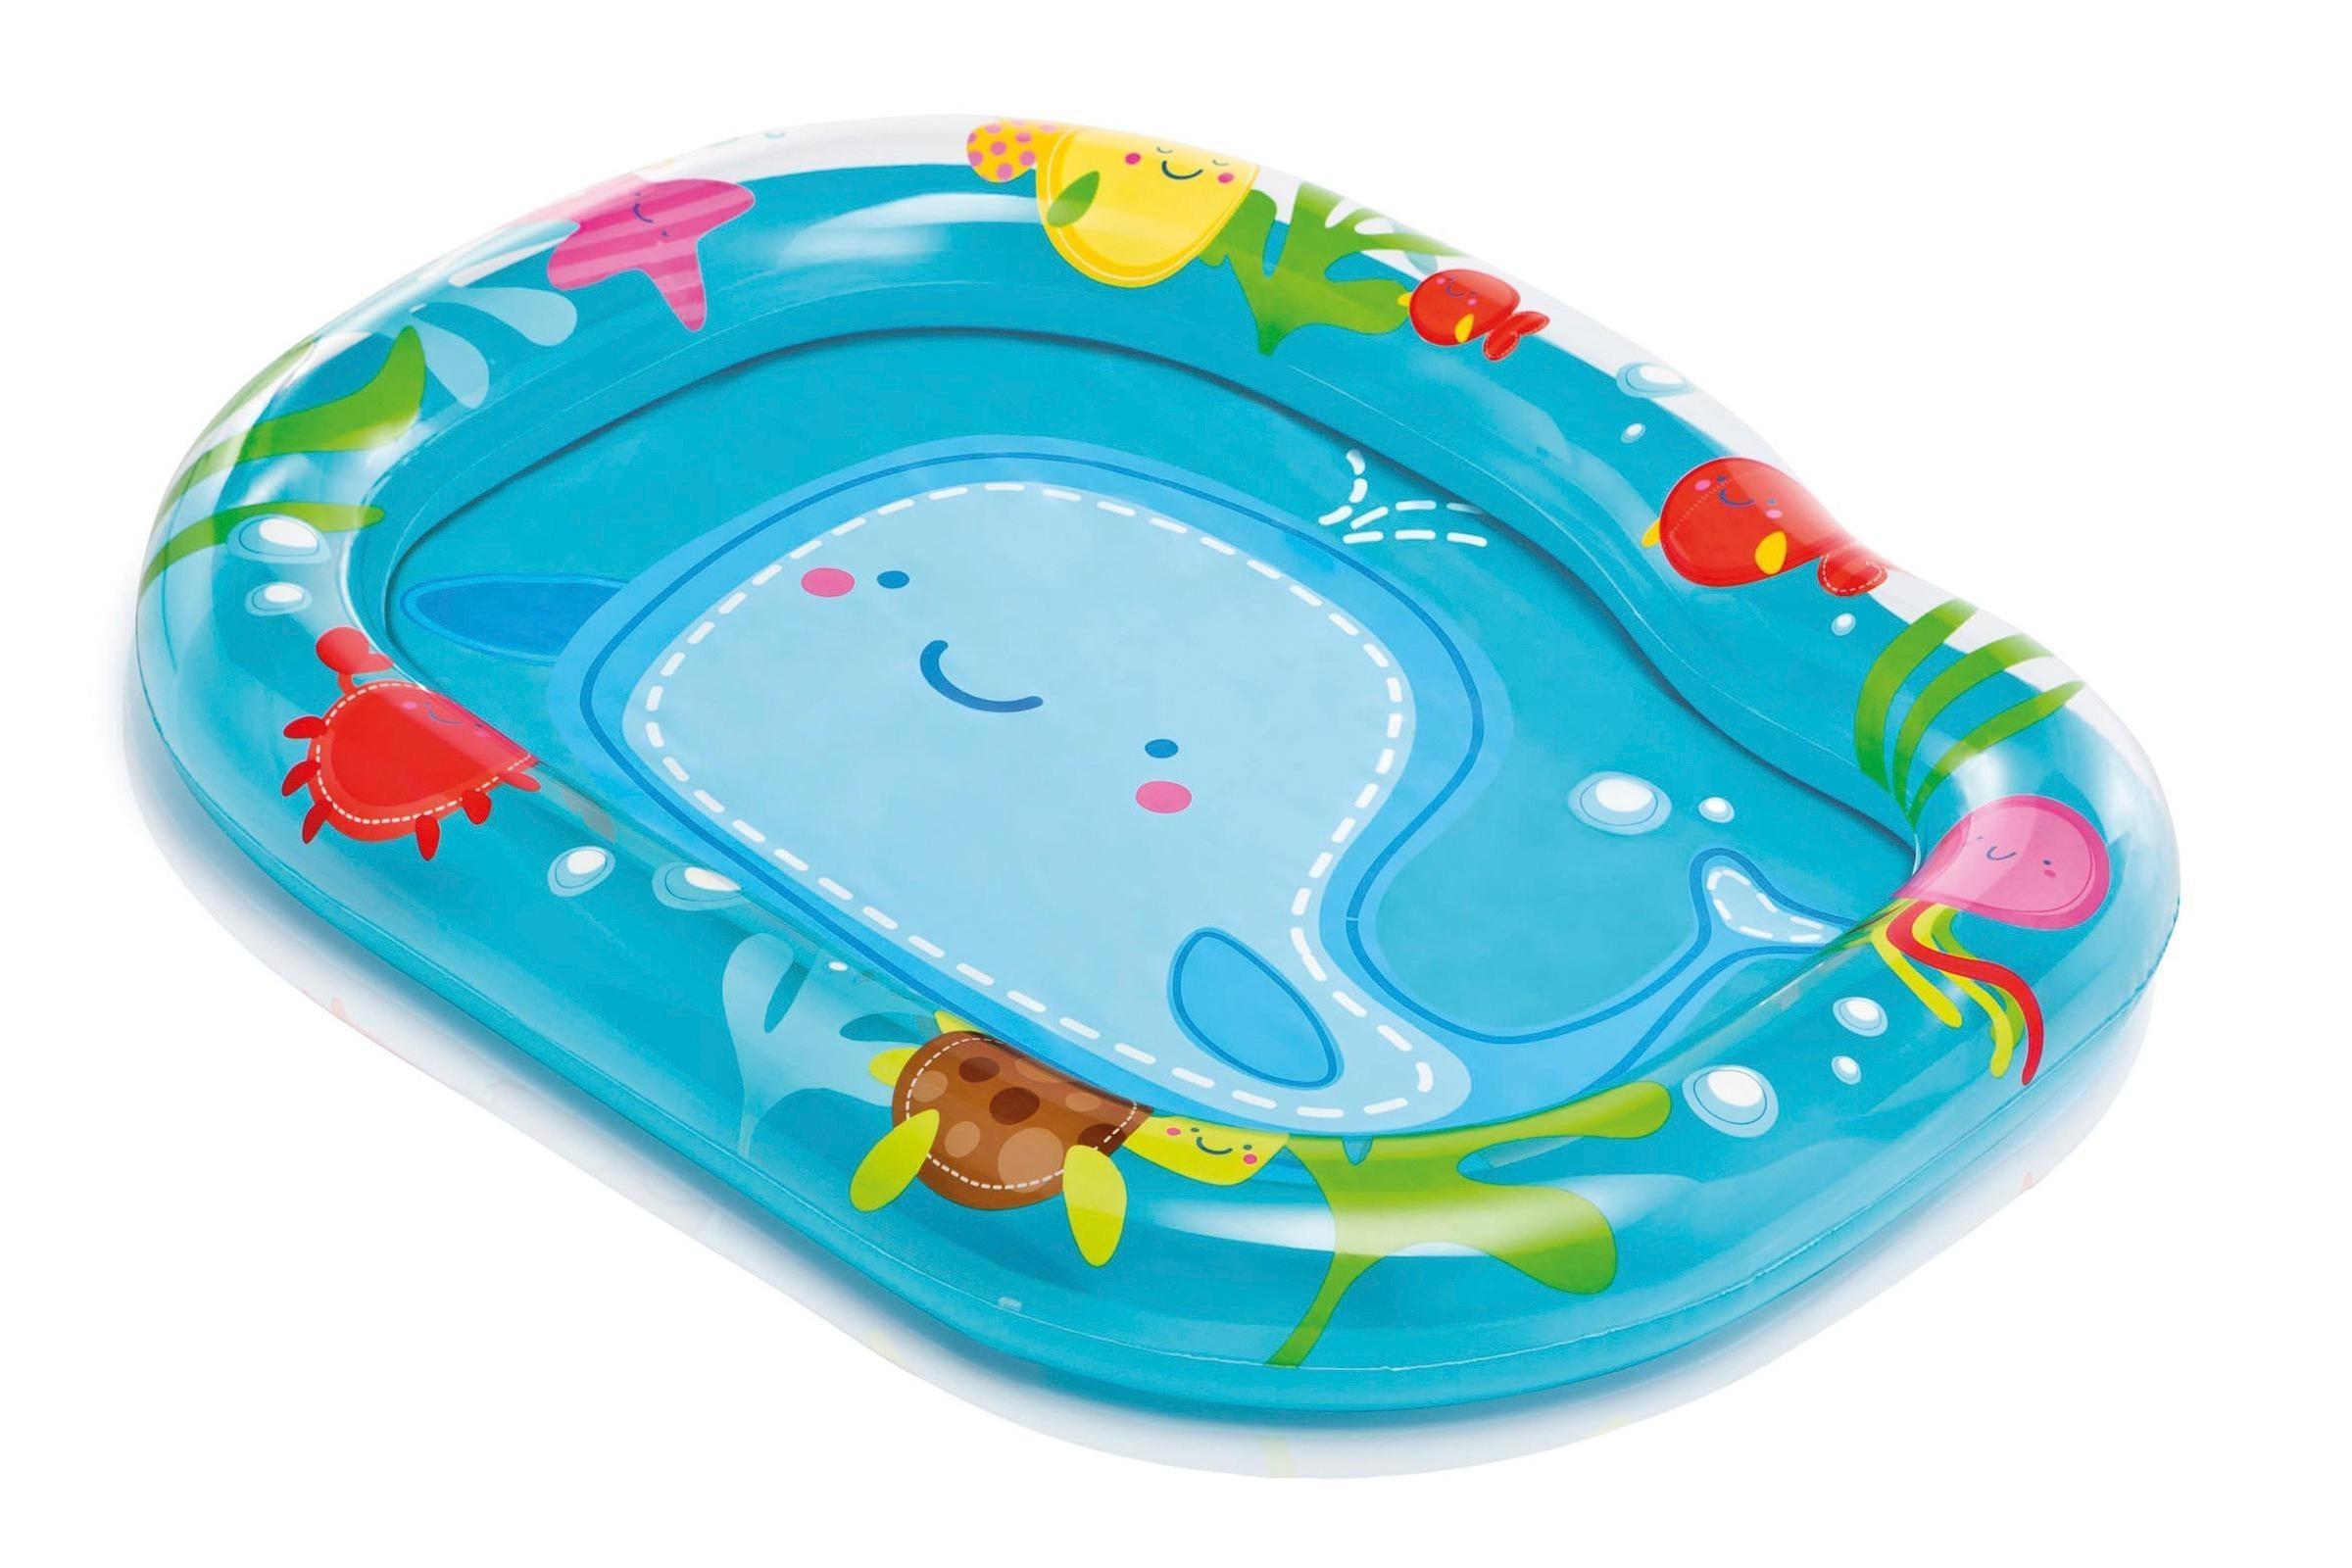 Бассейн детский «Маленький кит»Детские надувные бассейны<br>Бассейн детский «Маленький кит»<br>